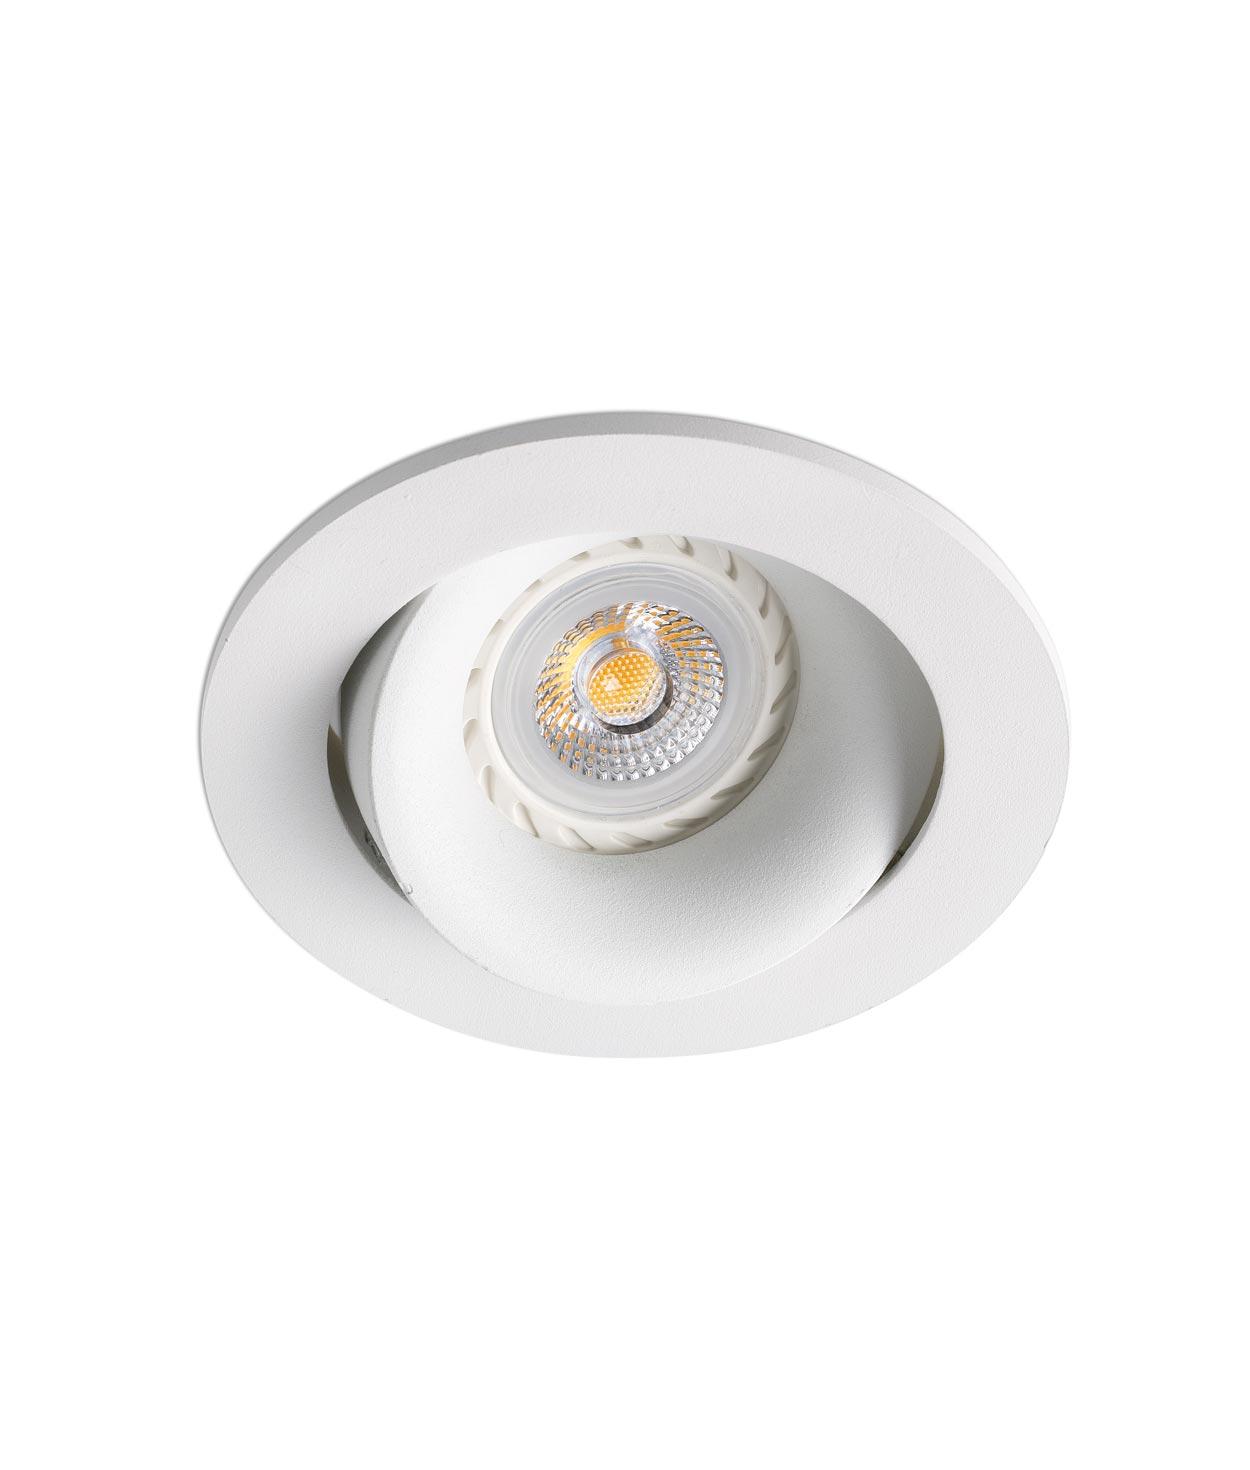 Empotrable redondo blanco ARGÓN detalle